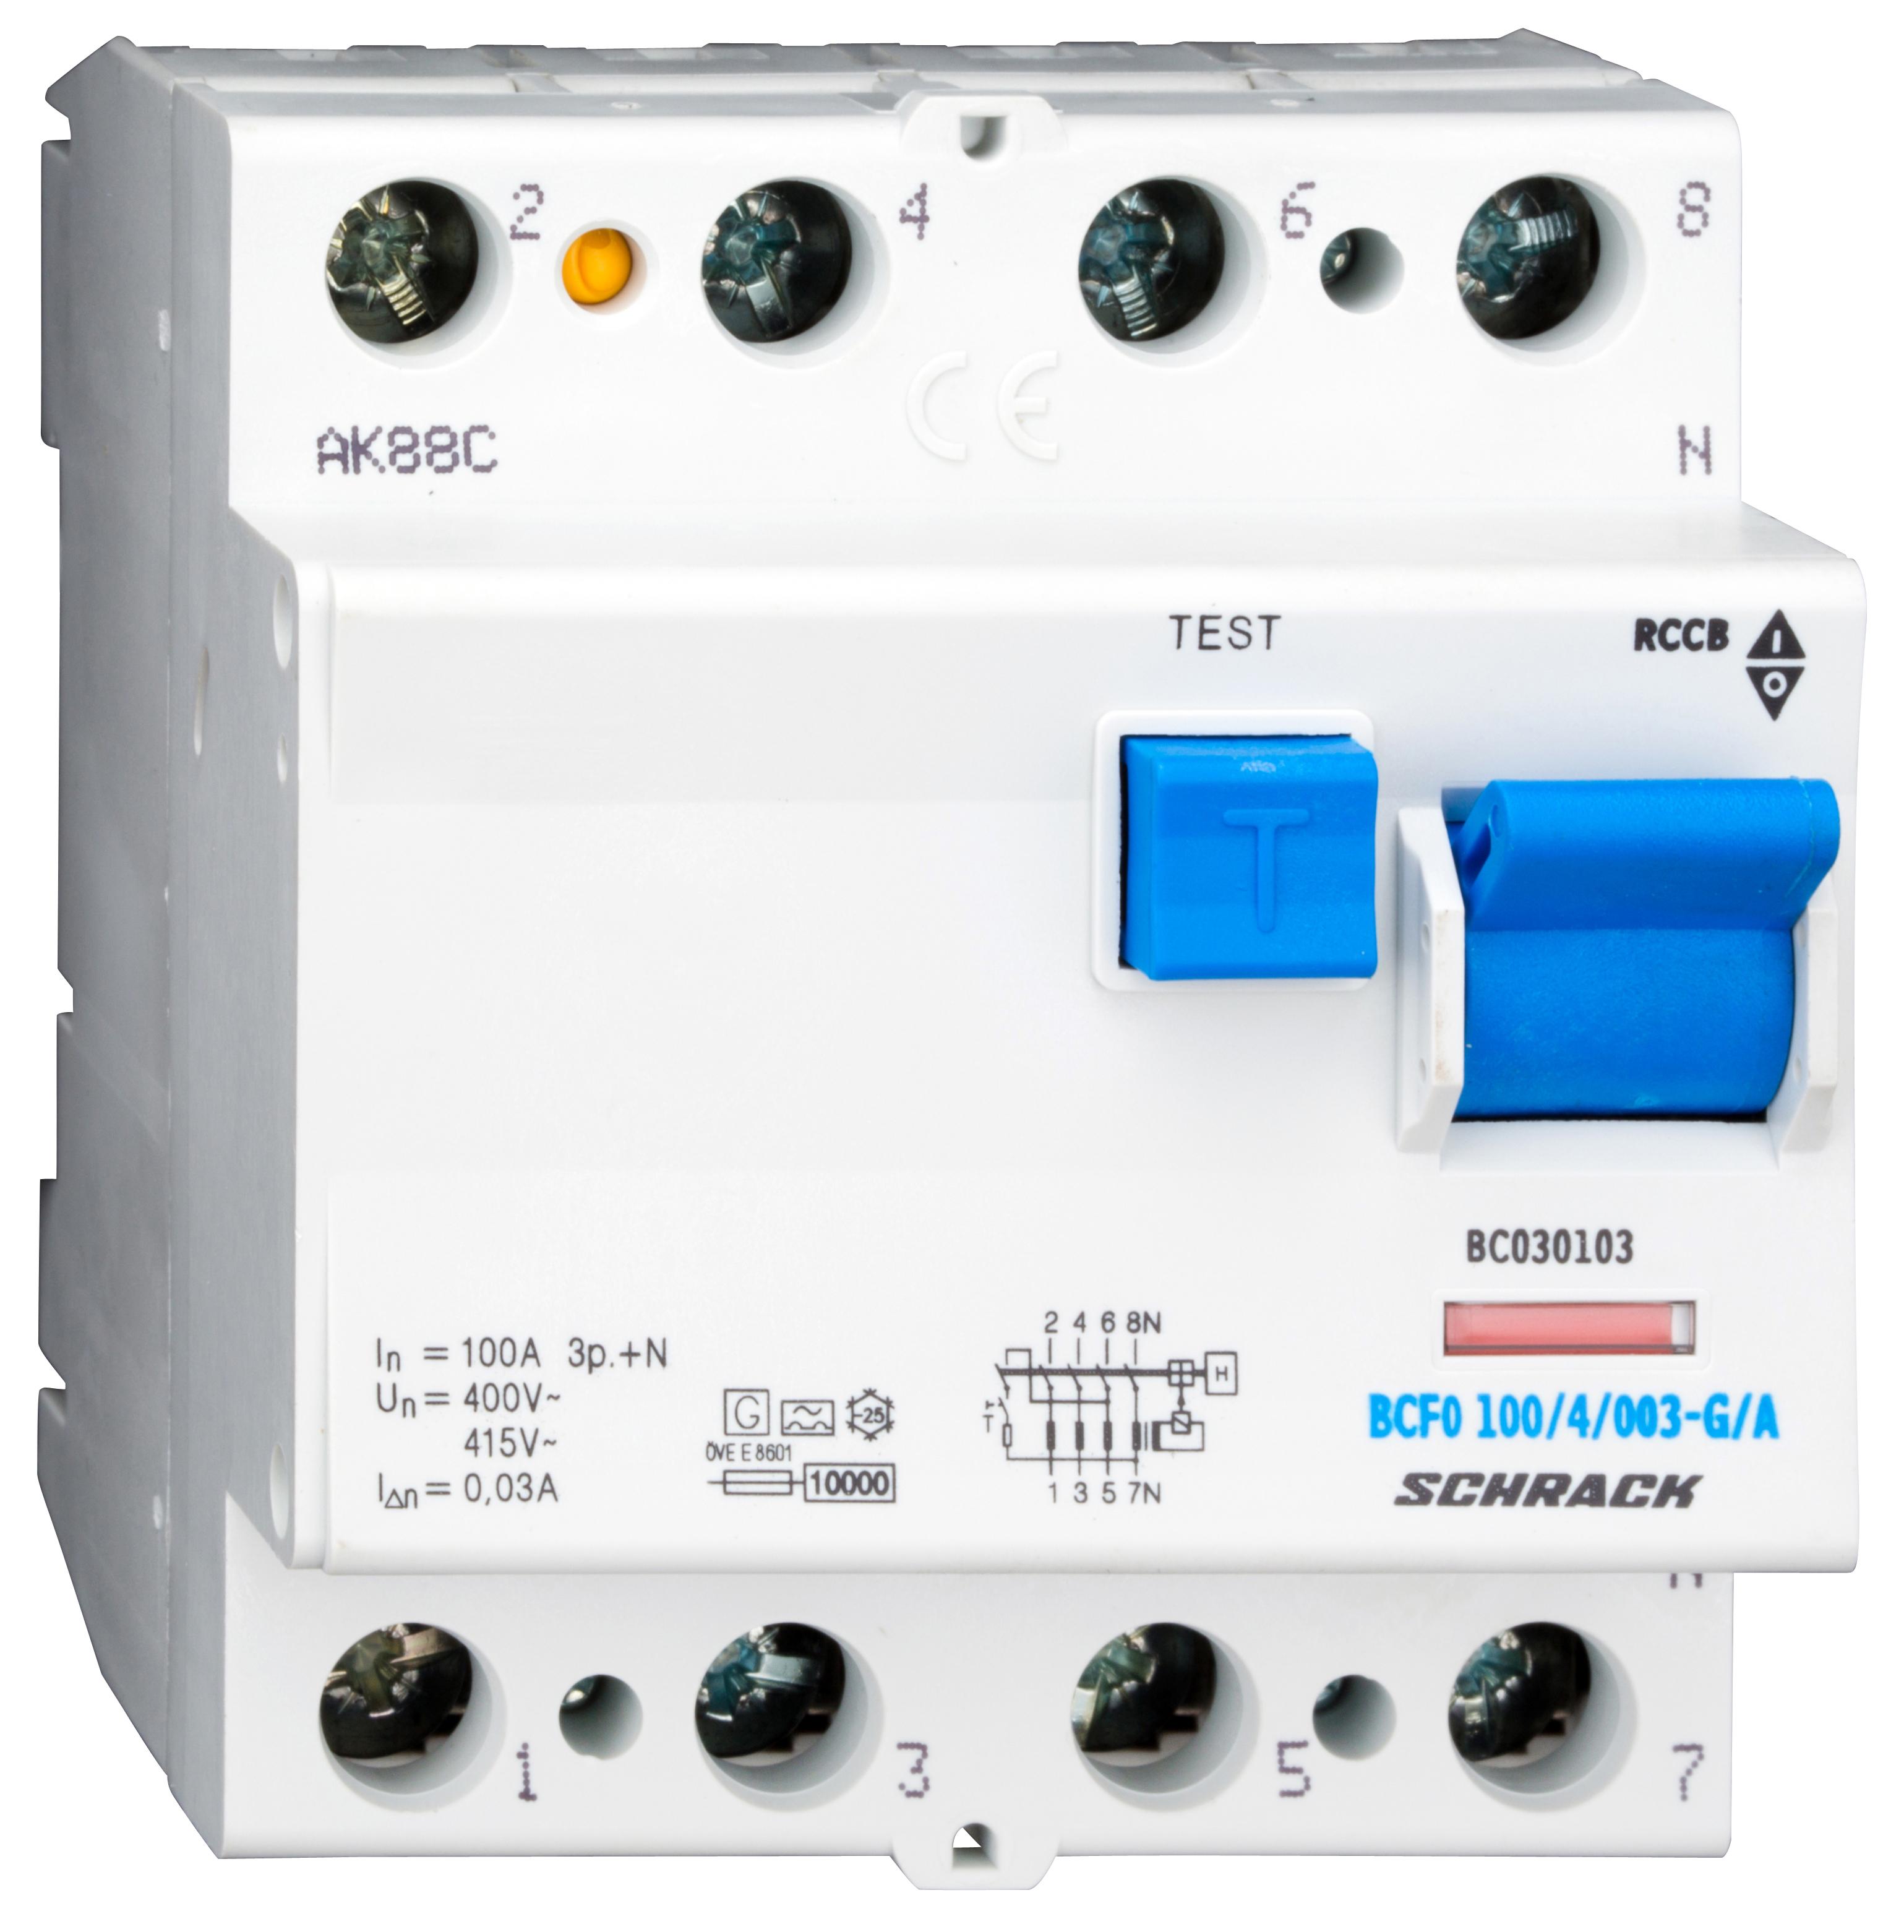 1 Stk FI-Schalter, 100A, 4-polig, 30mA, Bauart G, Typ A (Puls) BC030103--